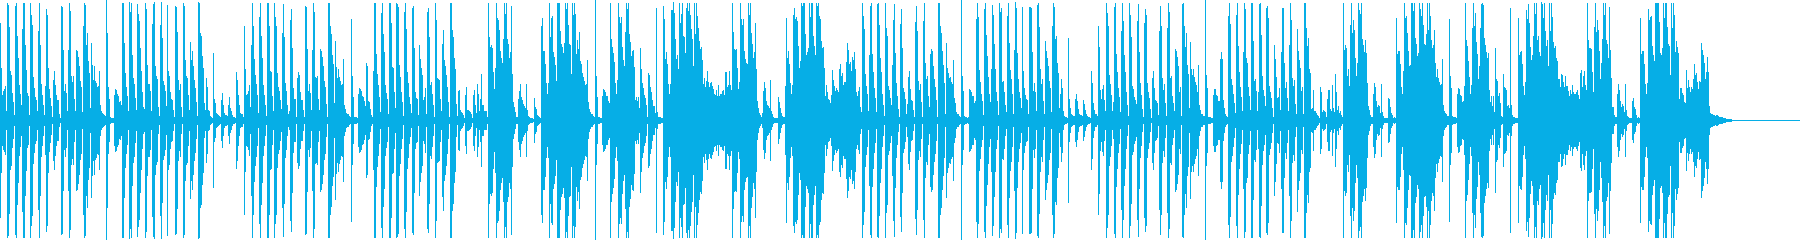 無機質な雰囲気の再生済みの波形